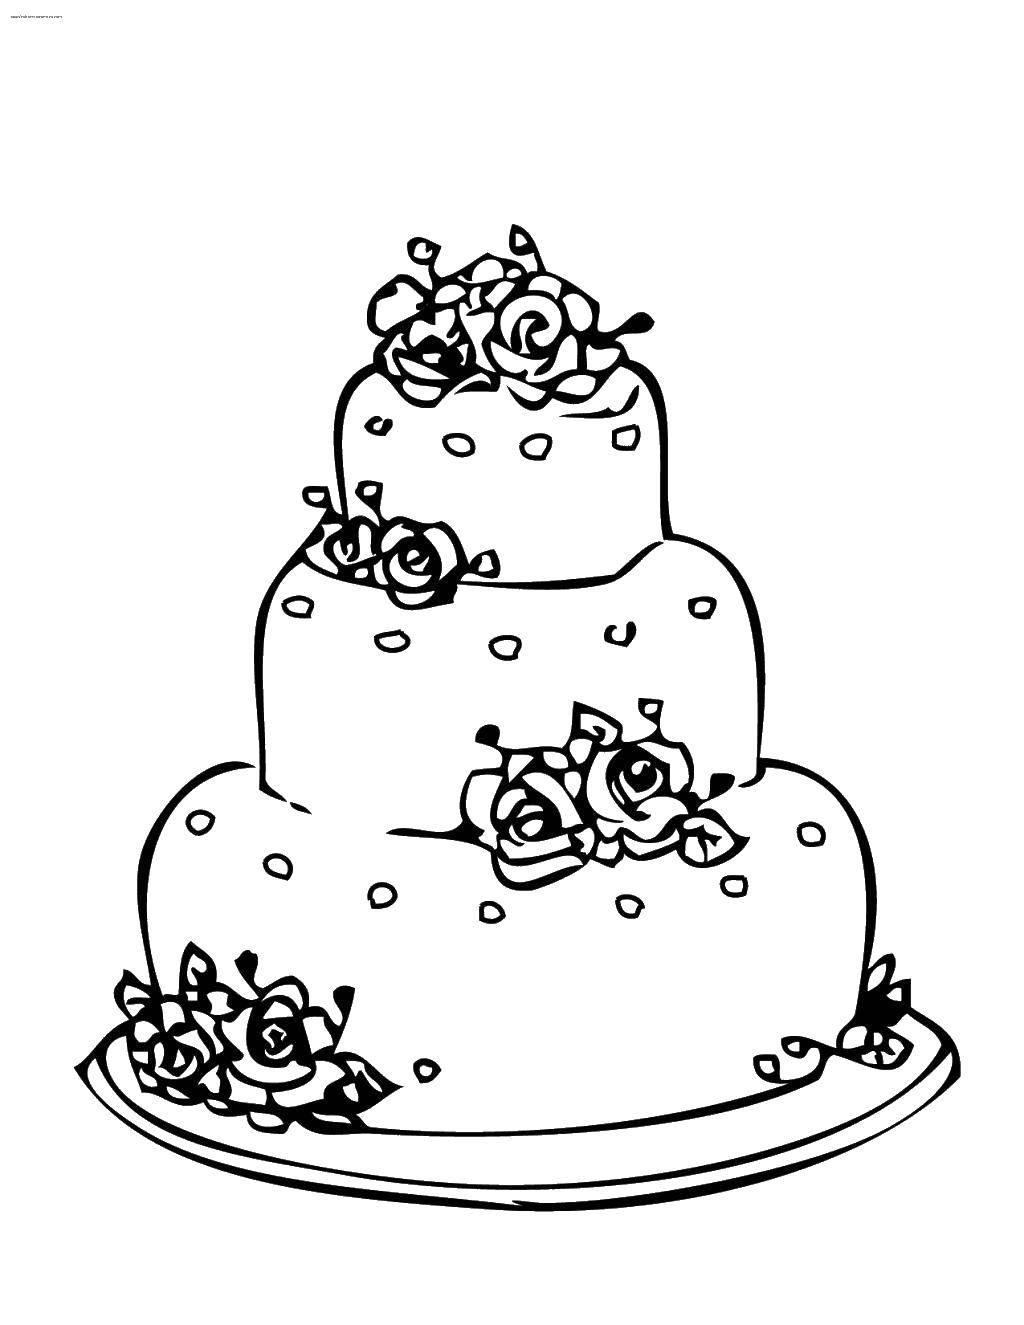 Раскраска Торт свадебный Скачать торт, свадьба.  Распечатать ,Свадьба,